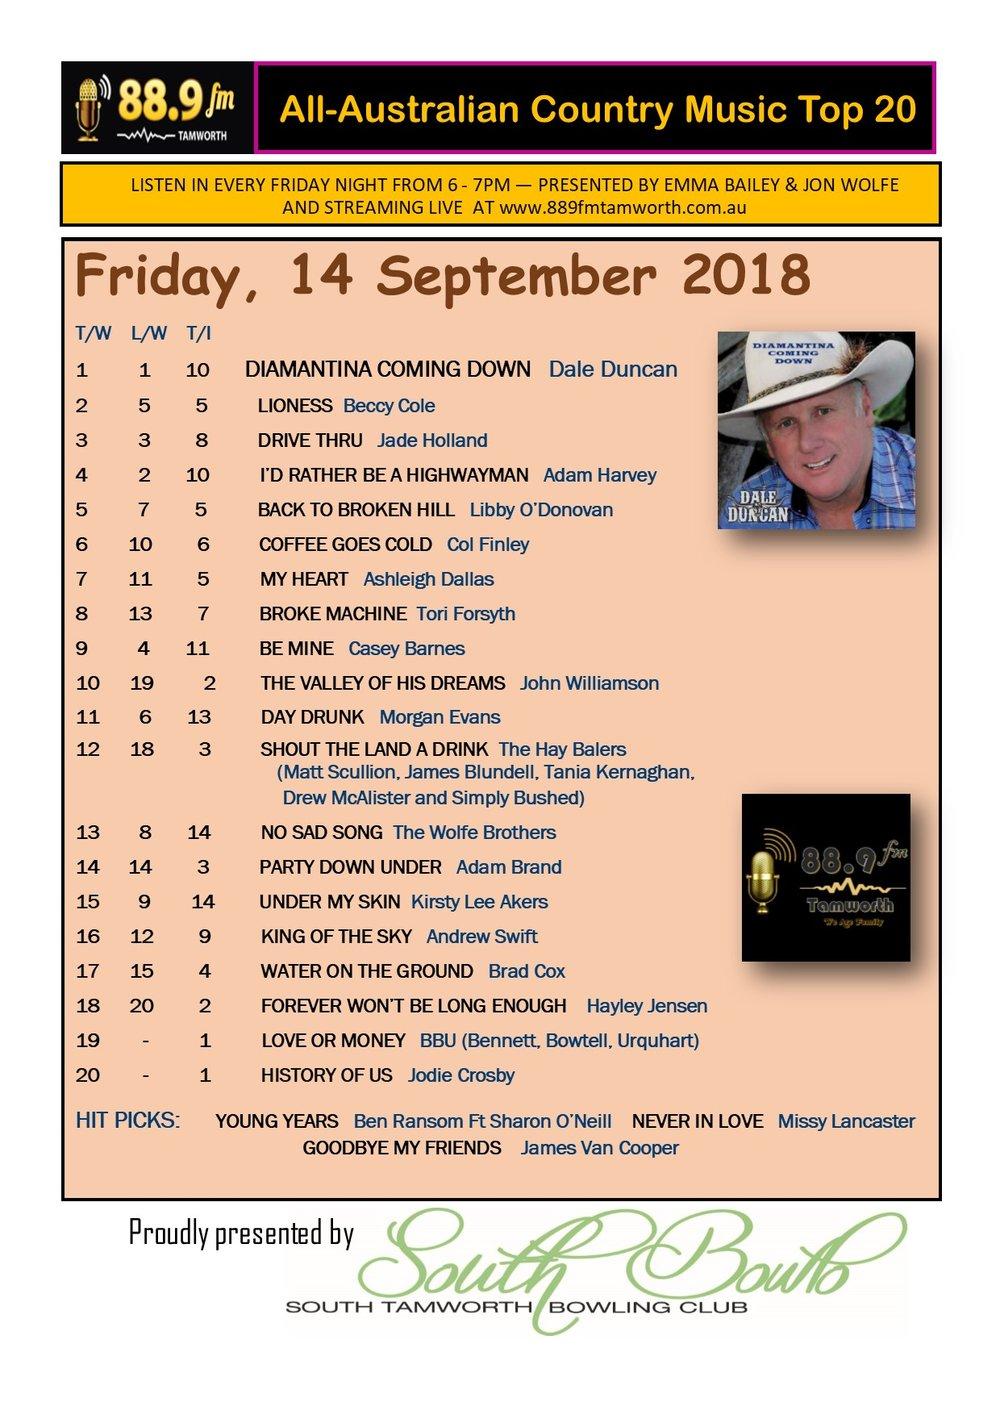 889FM CHART 14 Sept 2018.jpg